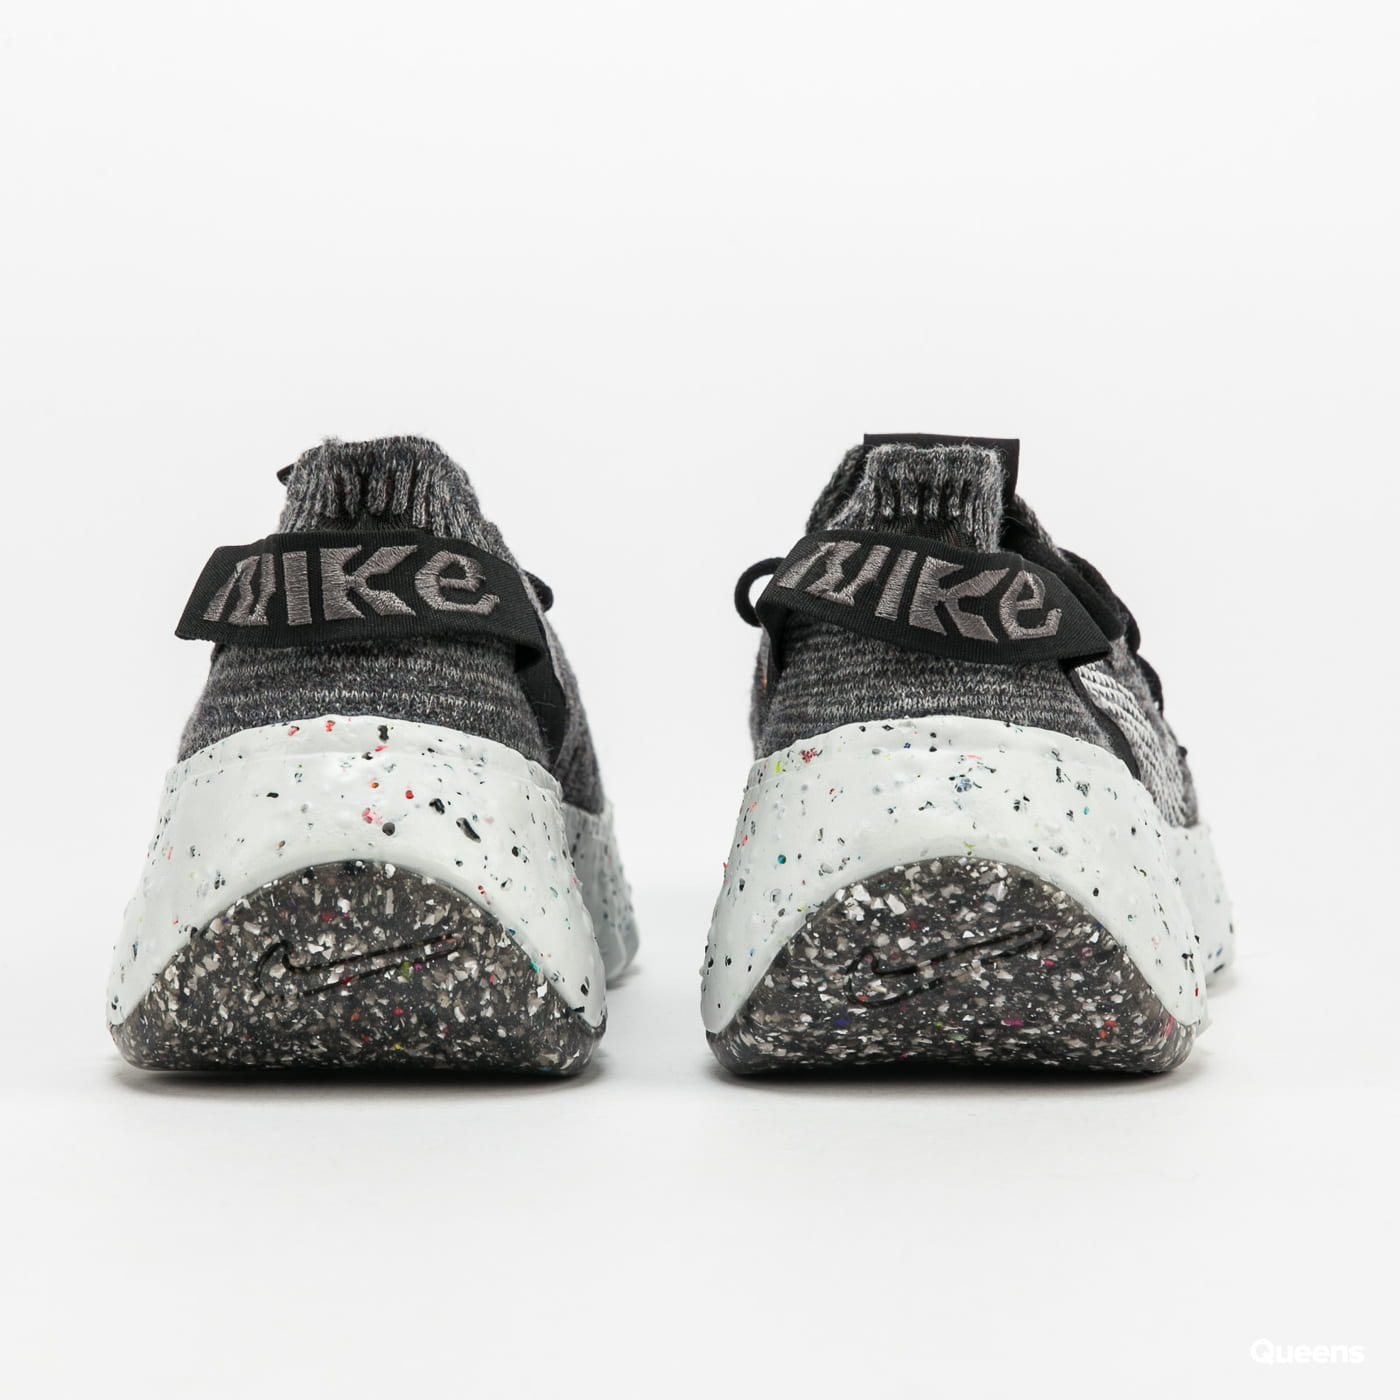 Nike W Space Hippie 04 iron grey / photon dust - black